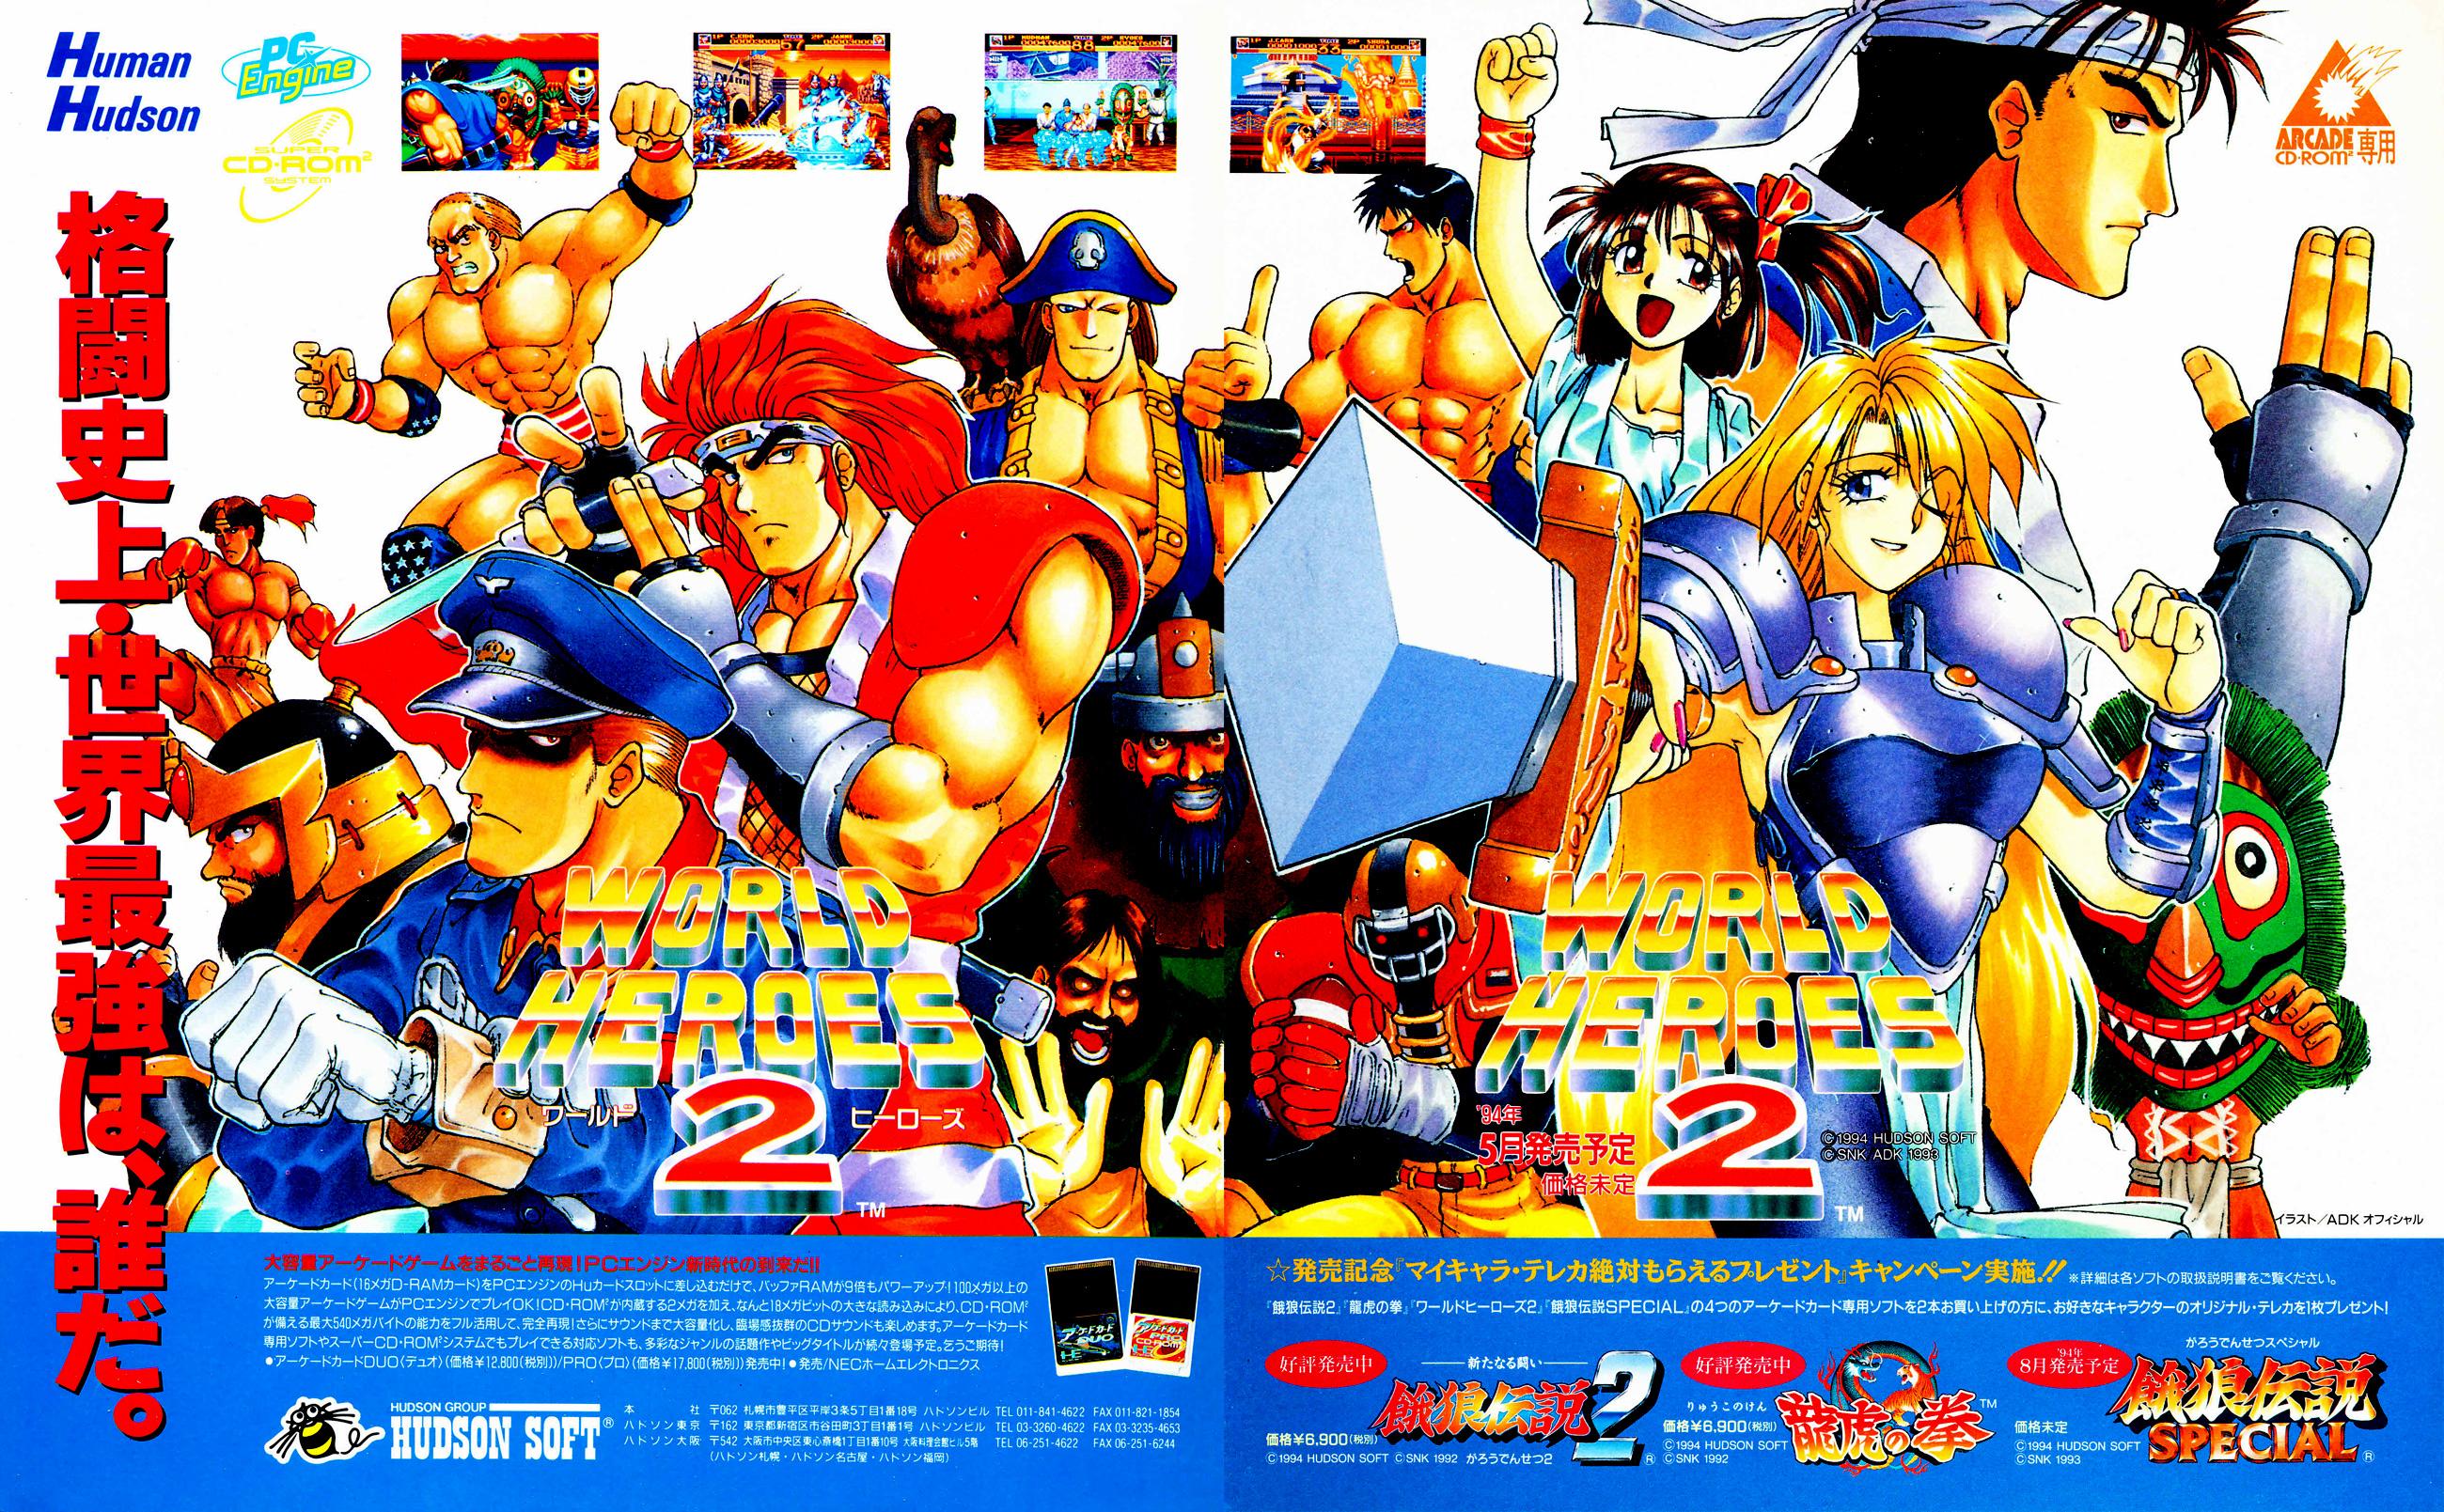 Dengeki PC Engine #05 (May 1994) :: TurboPlay Magazine Archives